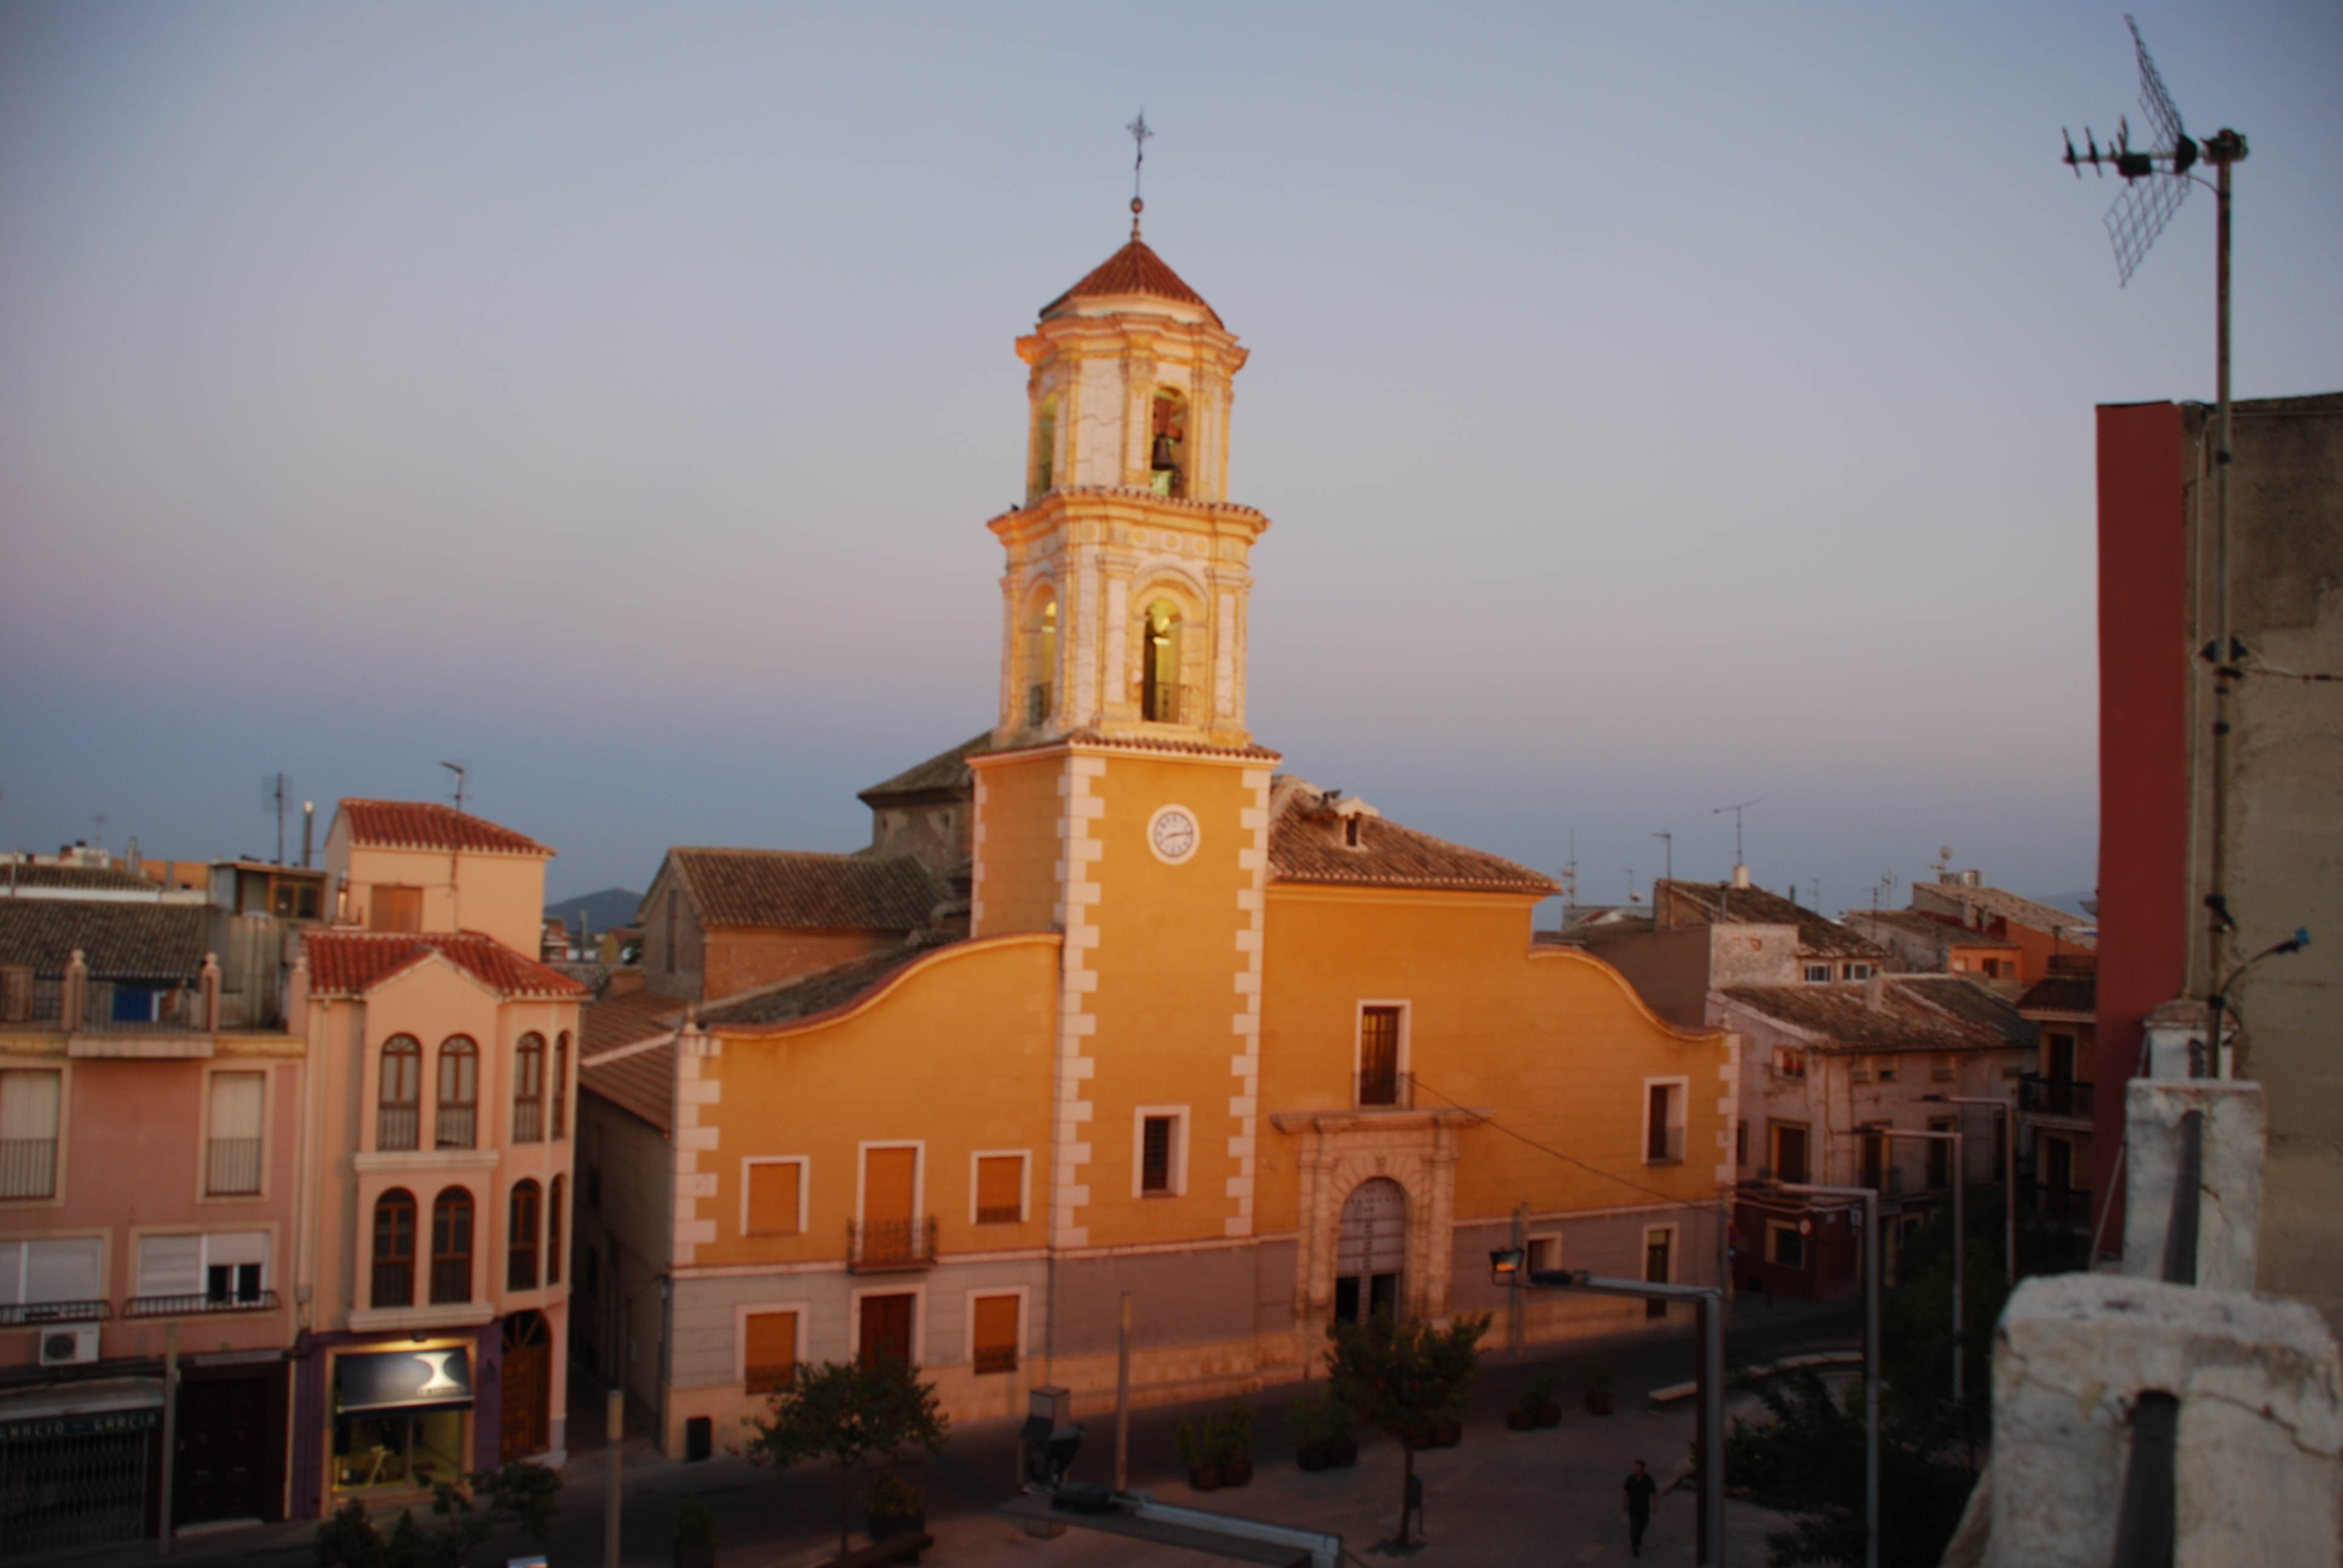 Iglesia de Nuestra Señora del Rosario (Bullas) - Wikipedia, la ...